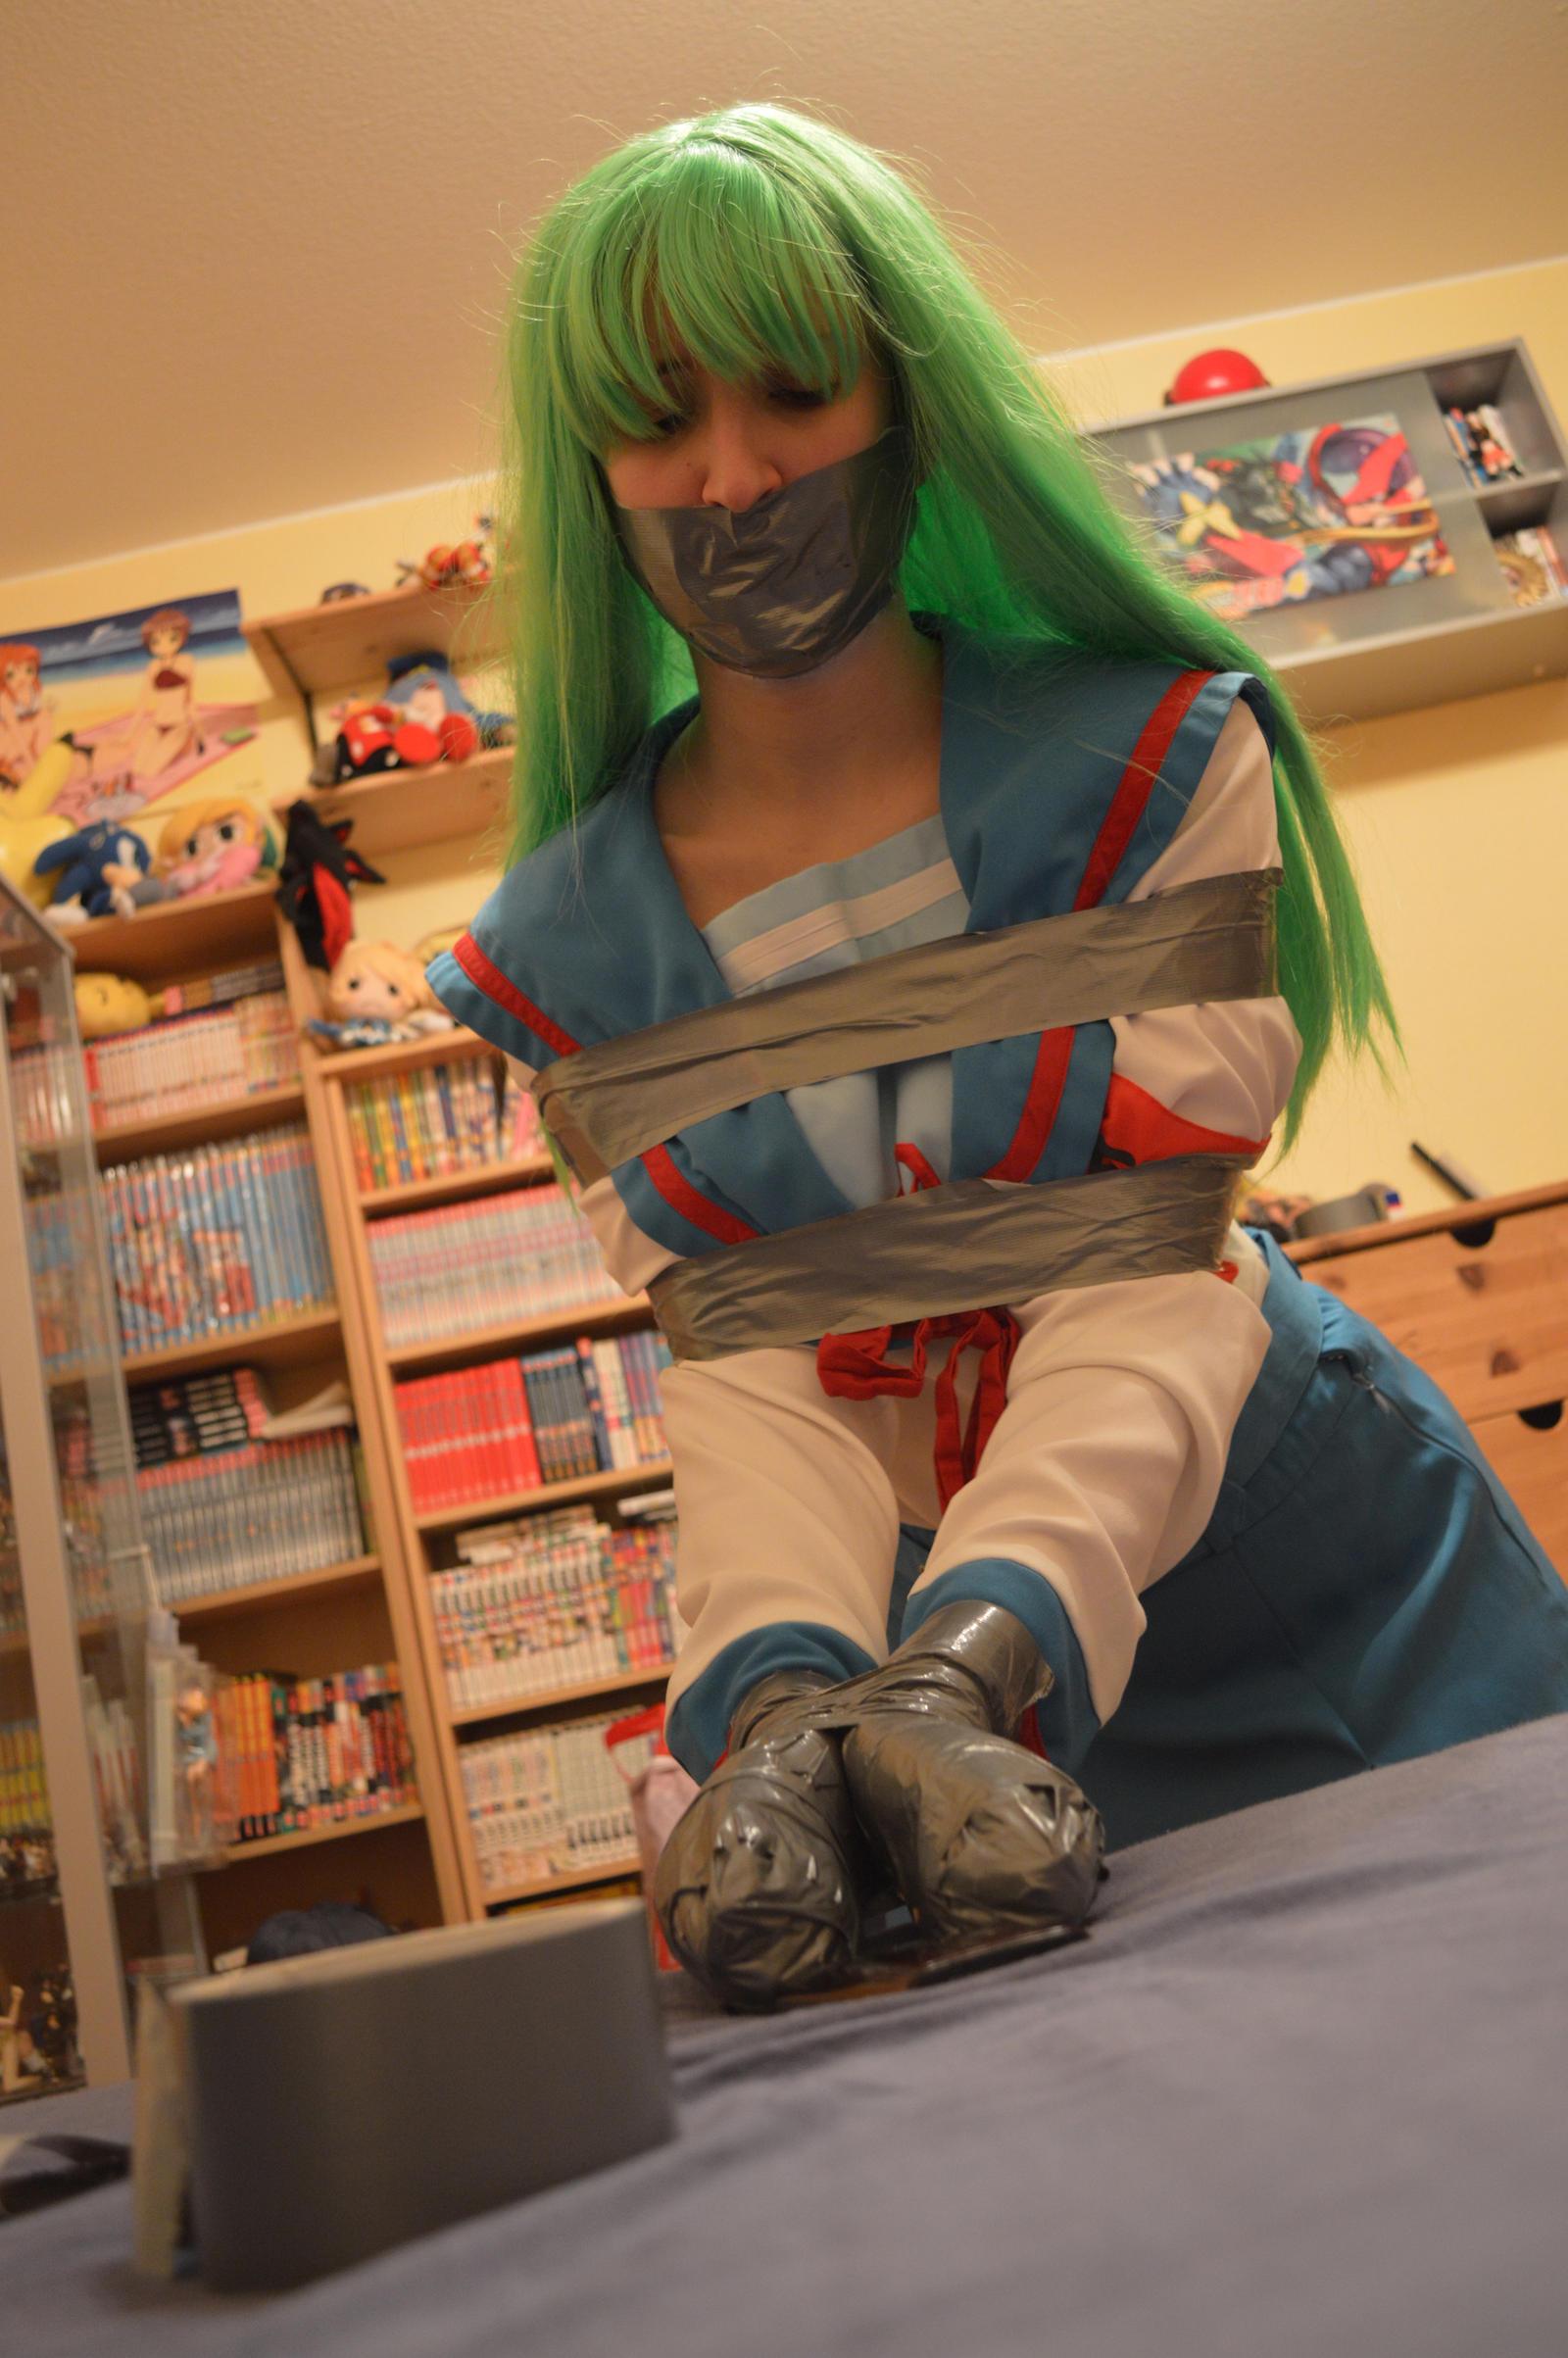 Poor school girl in tape trouble 1 by Natsuko-Hiragi